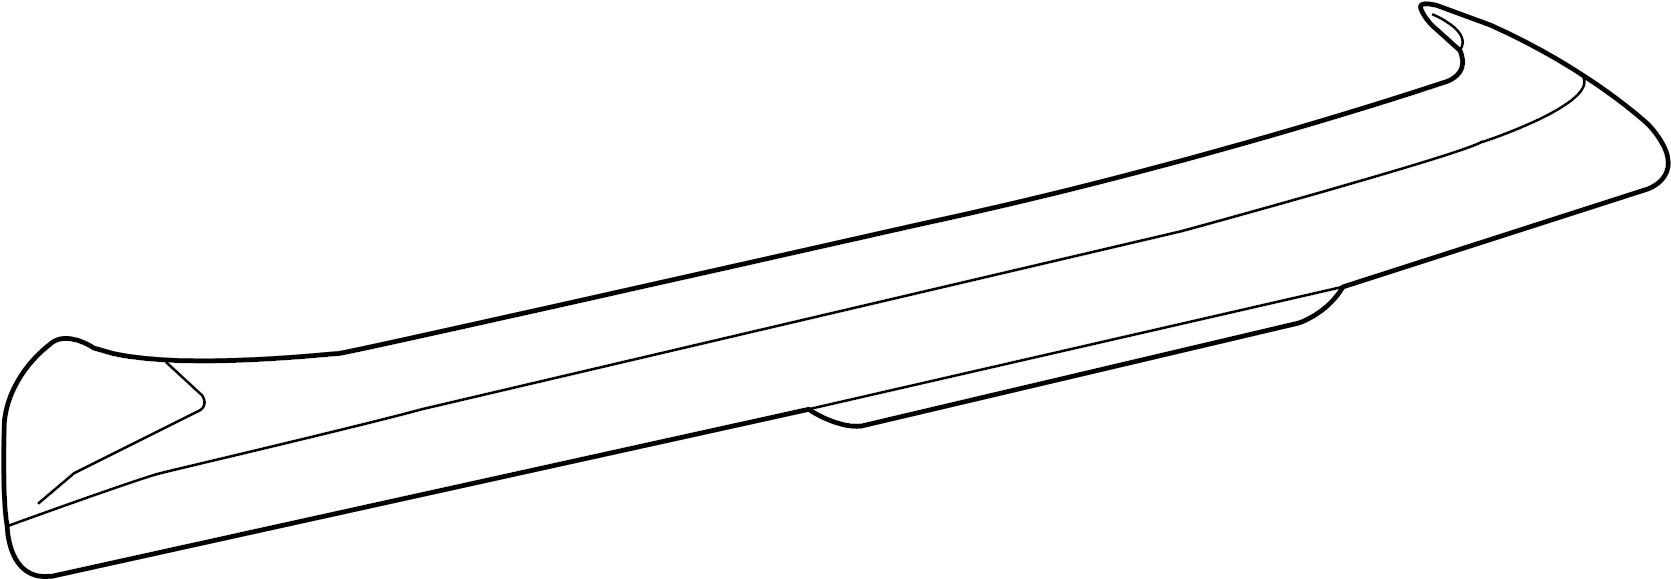 2007 Volkswagen Rabbit Spoiler. Body, Panel, Used